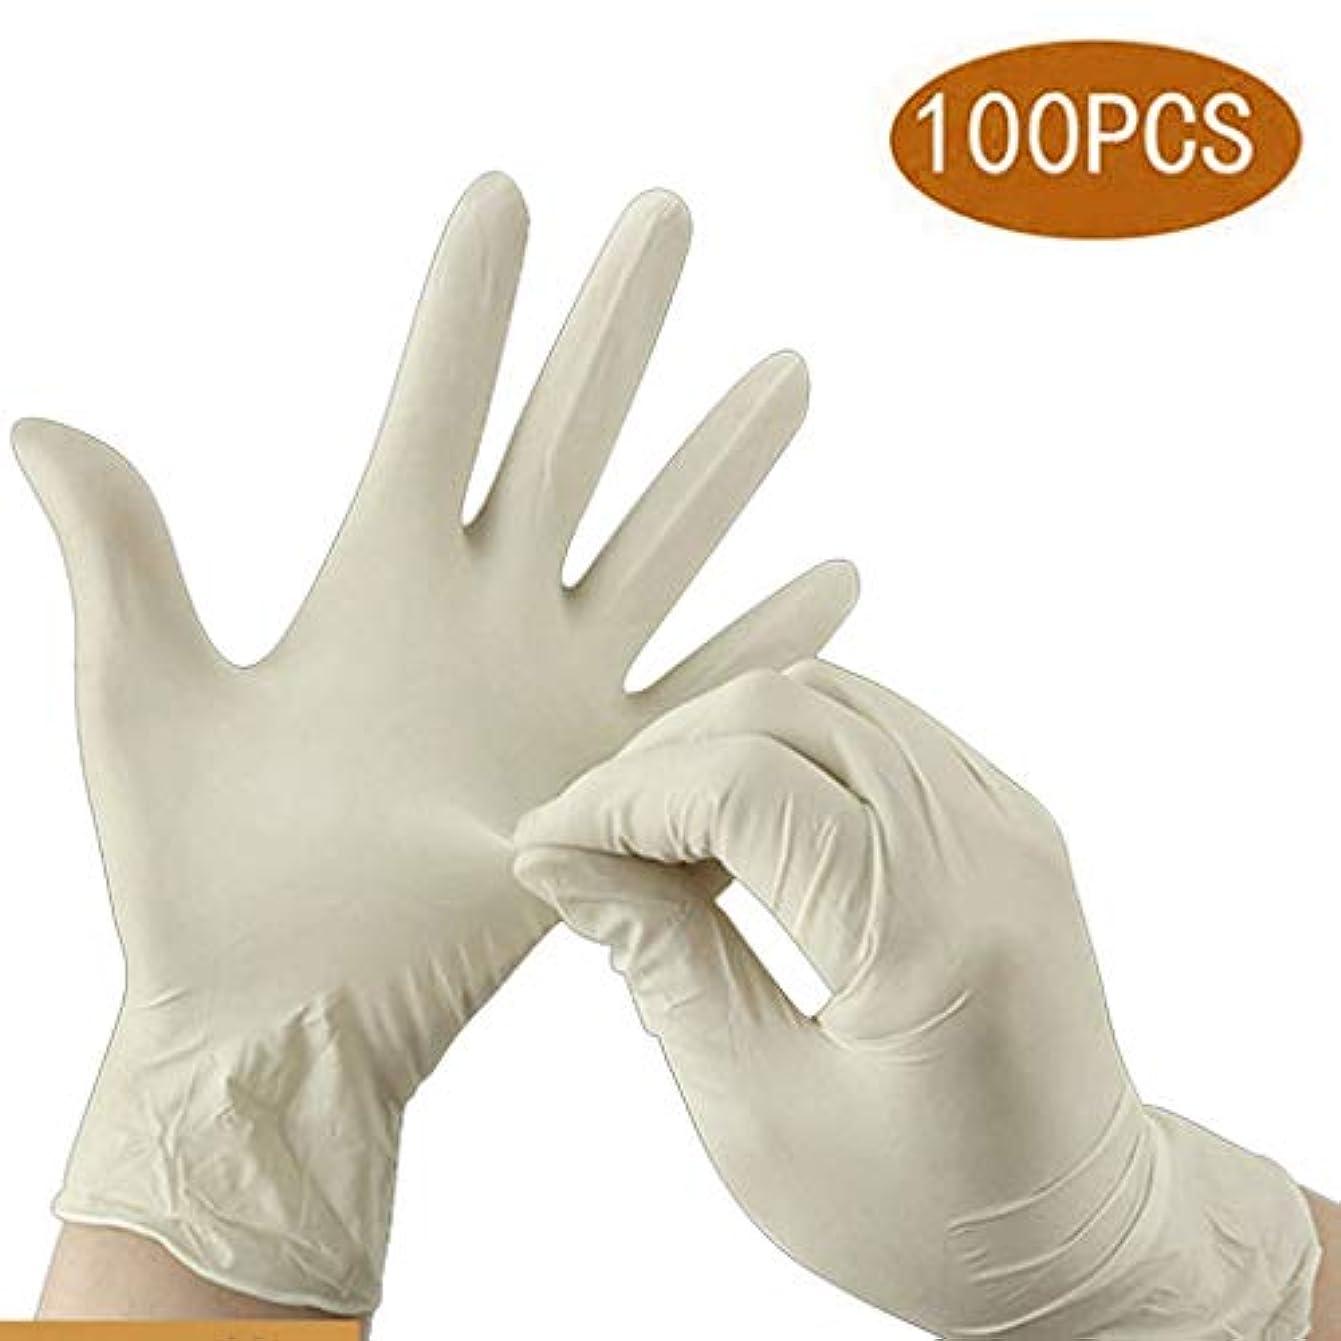 副詞吸収剤領域9インチ使い捨てラテックス手袋、パウダーフリー、個別包装され、耐久性に優れ、労働保険、食品検査用手袋|100の病院ボックスのプロフェッショナルグレード (Size : M)